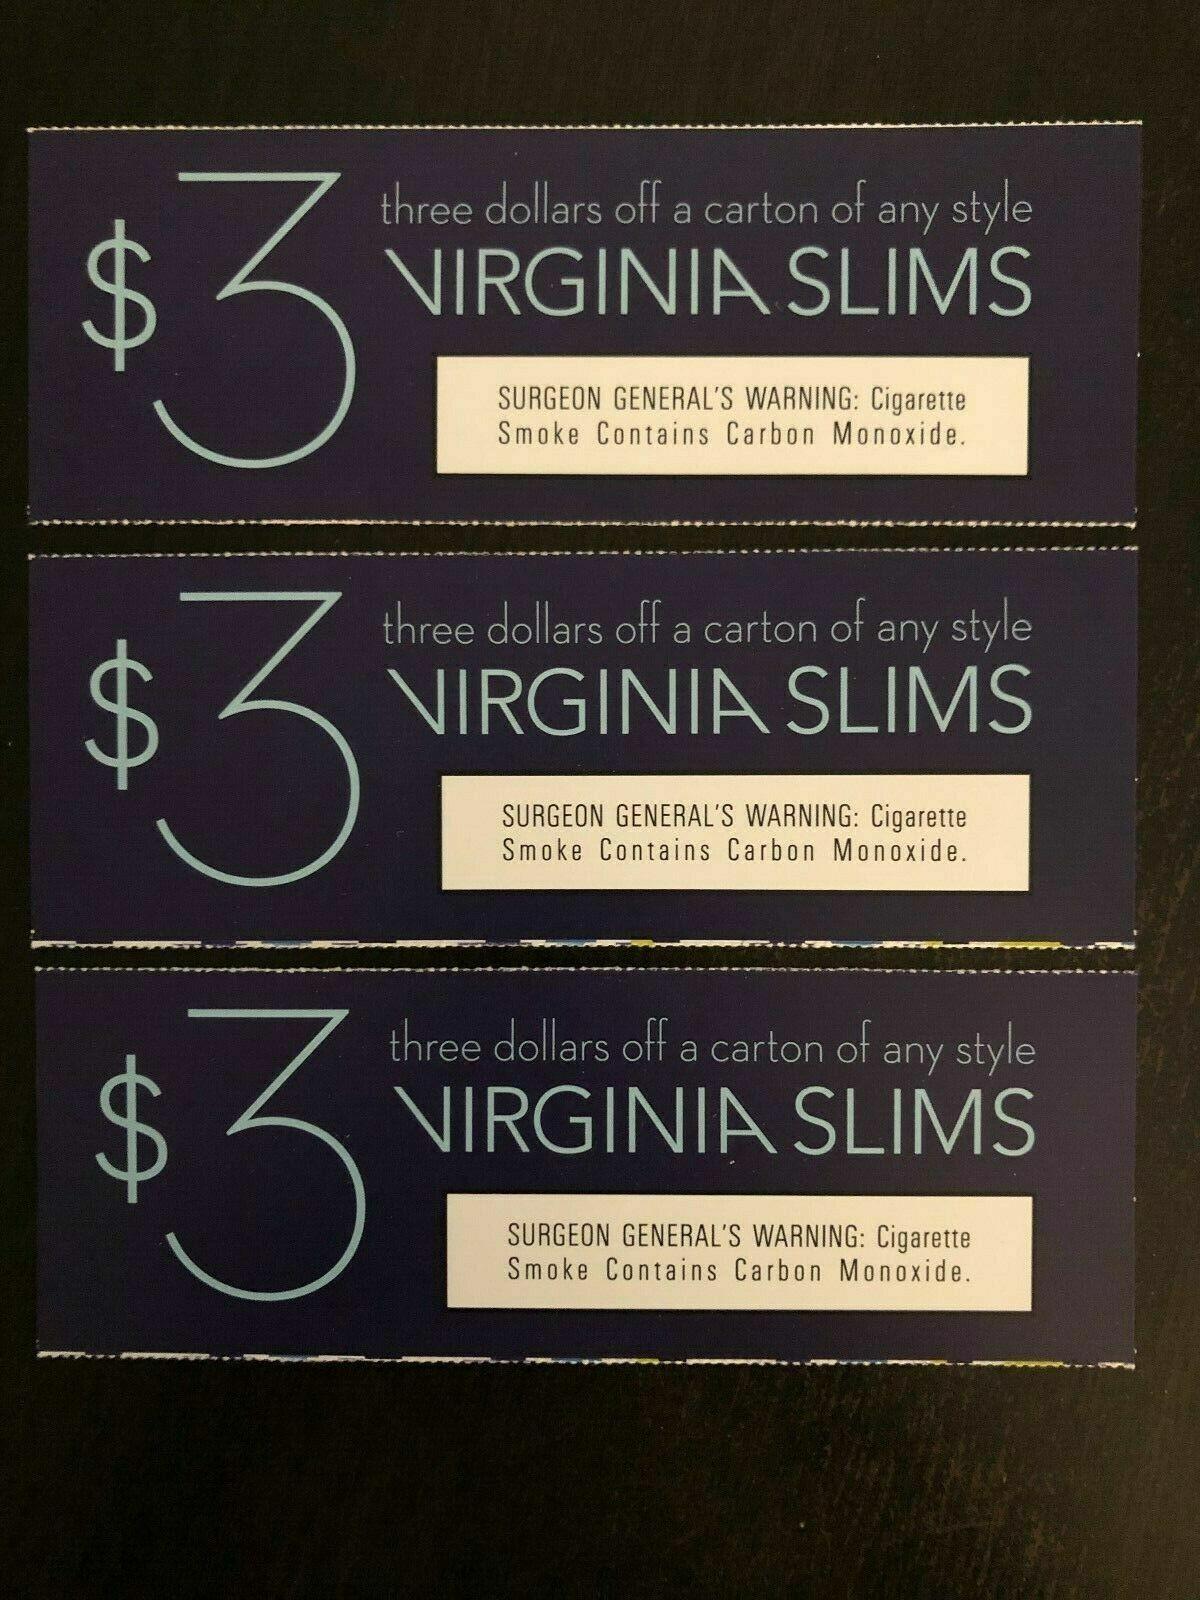 3 X 3 Off A Carton Of Virginia Slims a 9 Value  - $4.50